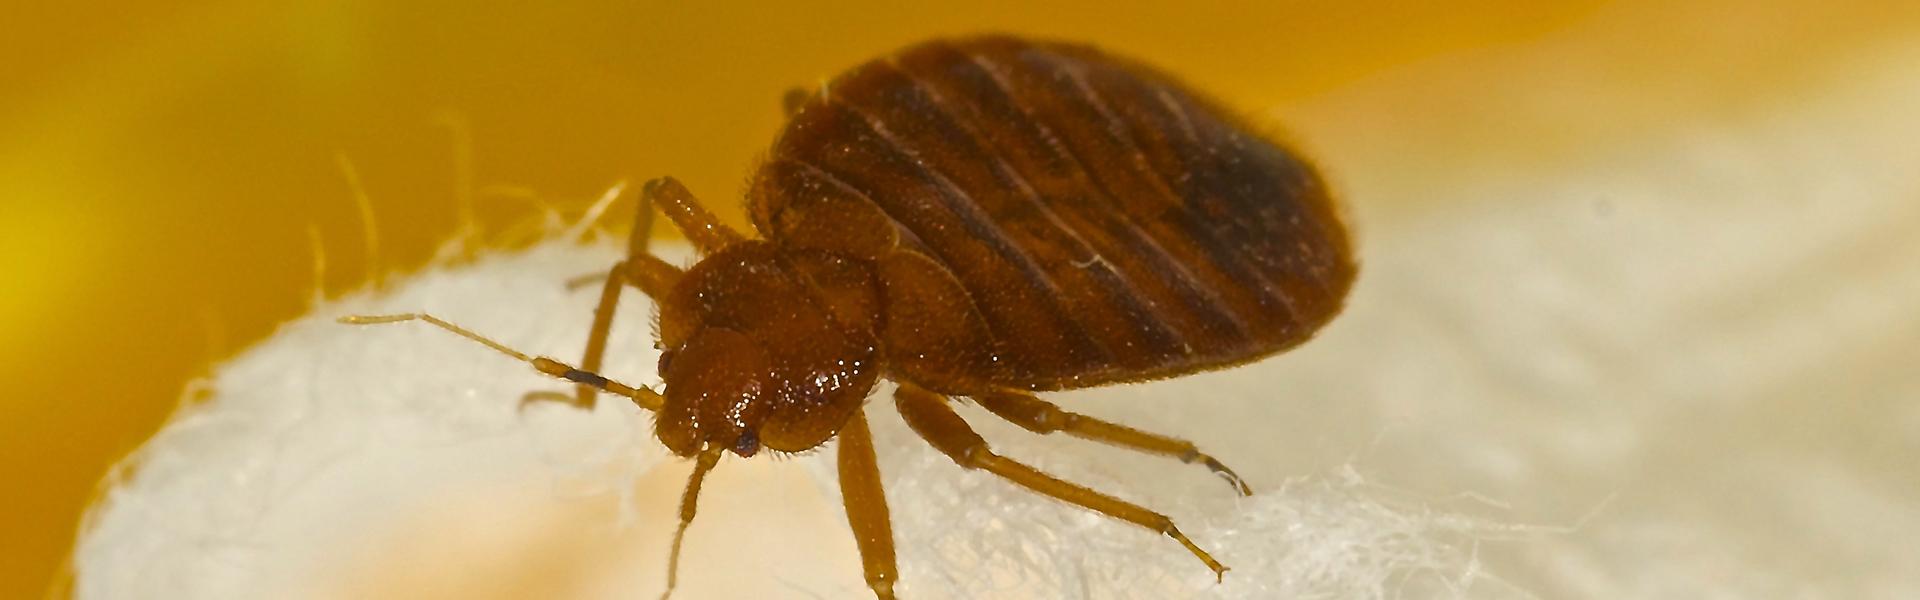 Slider-Bed-Bug-2